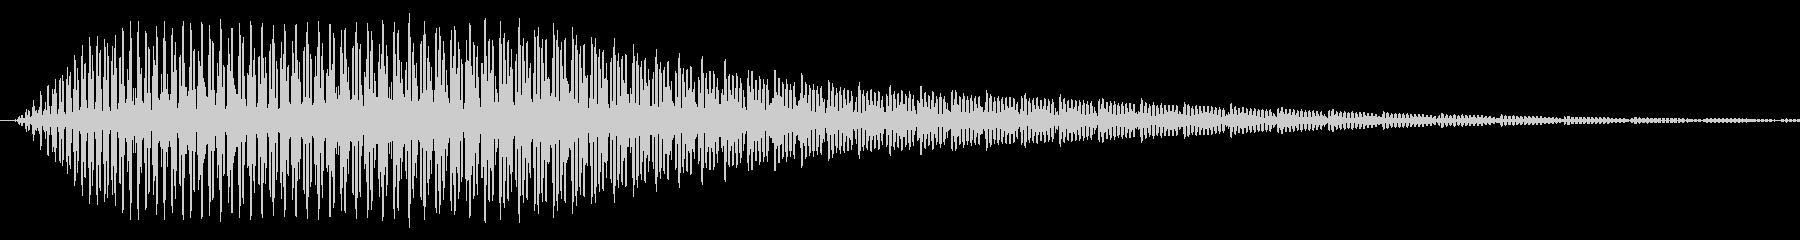 汎用的なシステム音(ピャッの未再生の波形